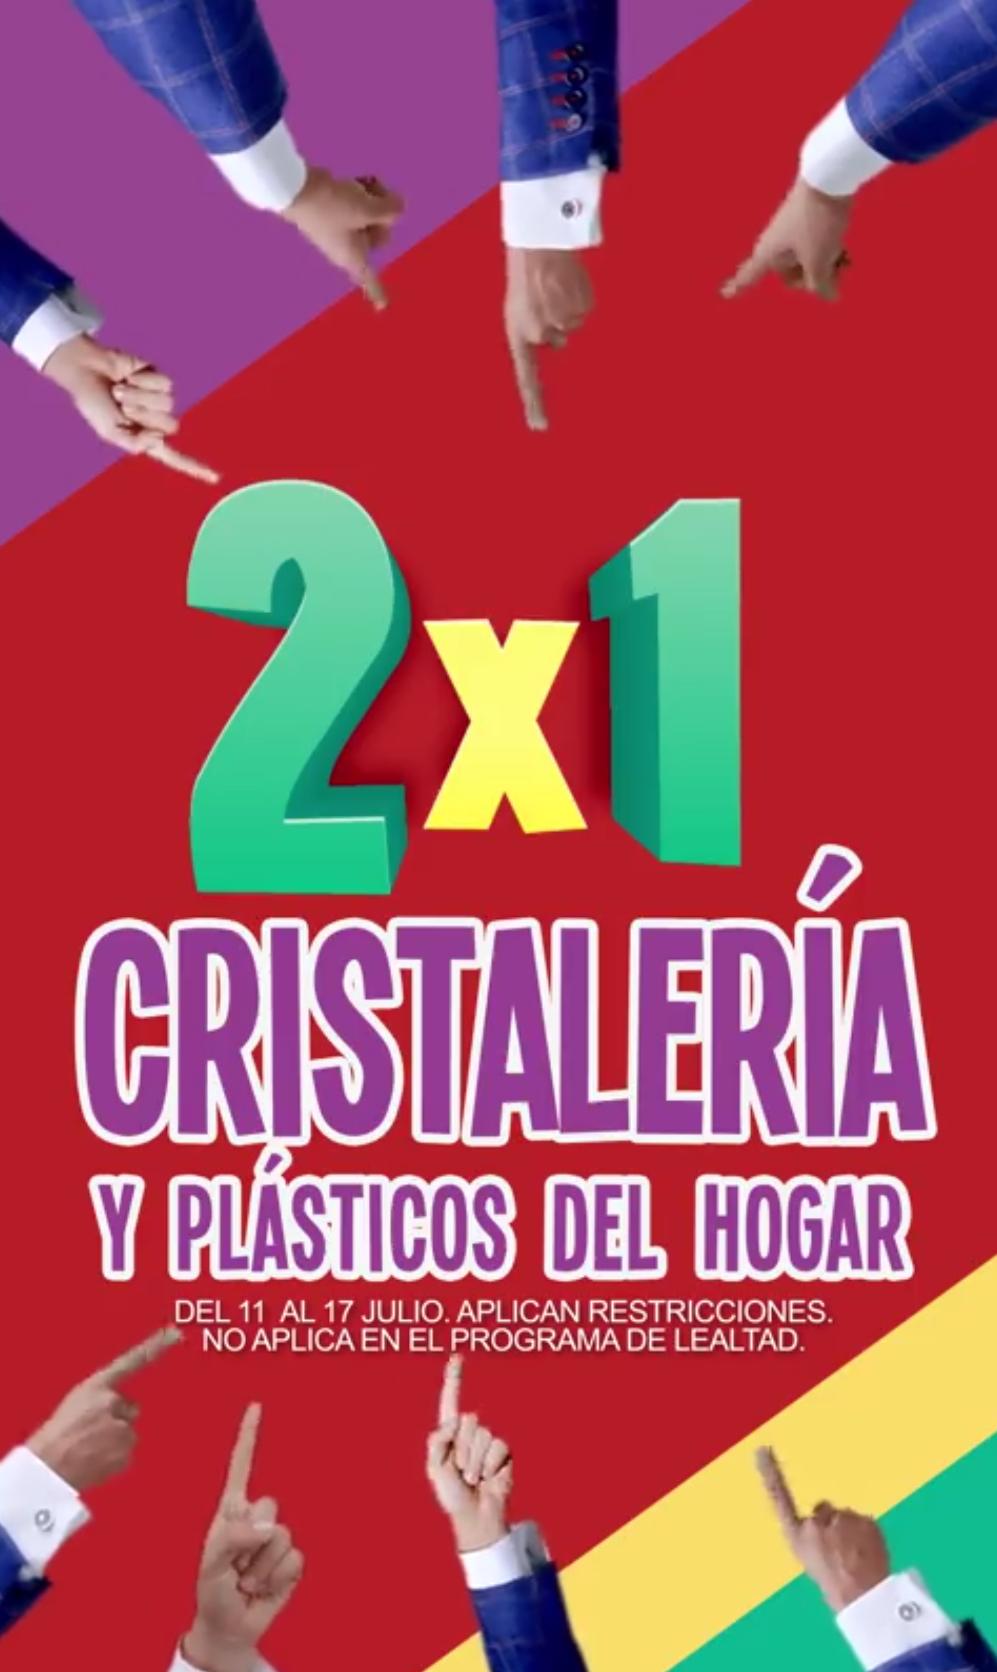 Julio Regalado 2018 en Soriana: 2 x 1 en cristalería y plásticos del hogar